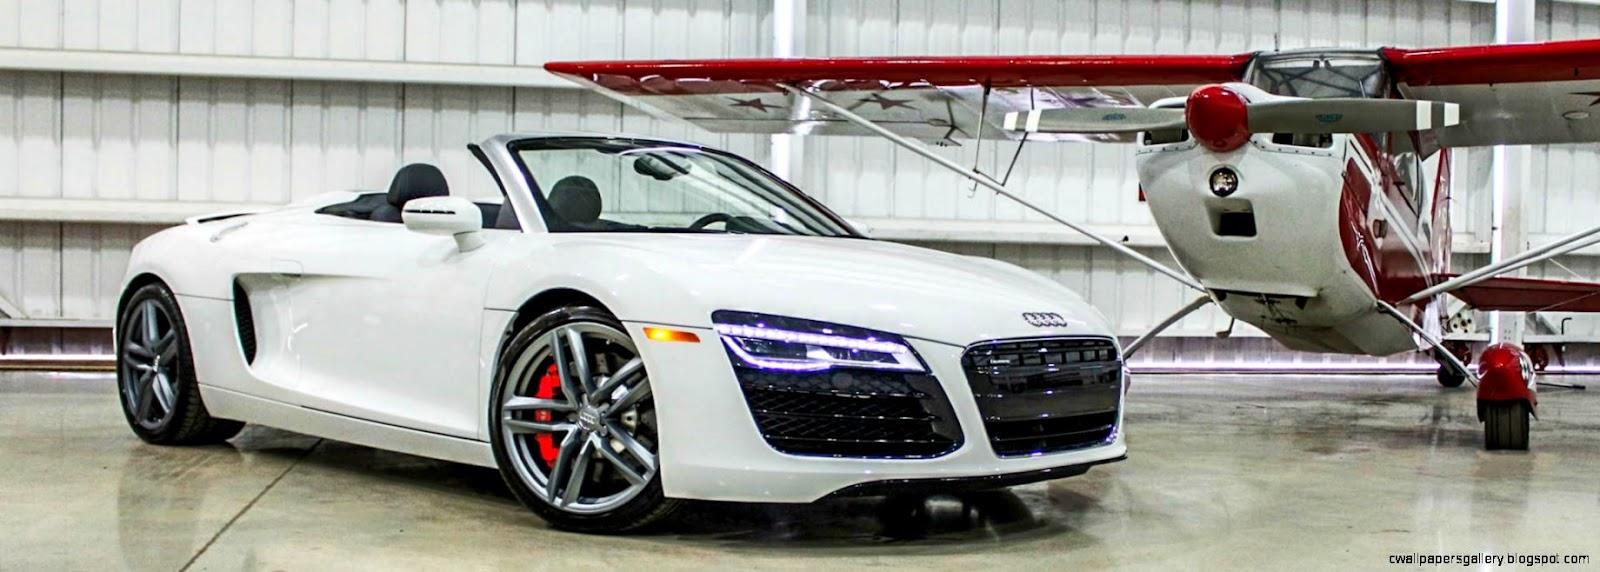 Wedding Luxury Car Rental Miami  mph club®